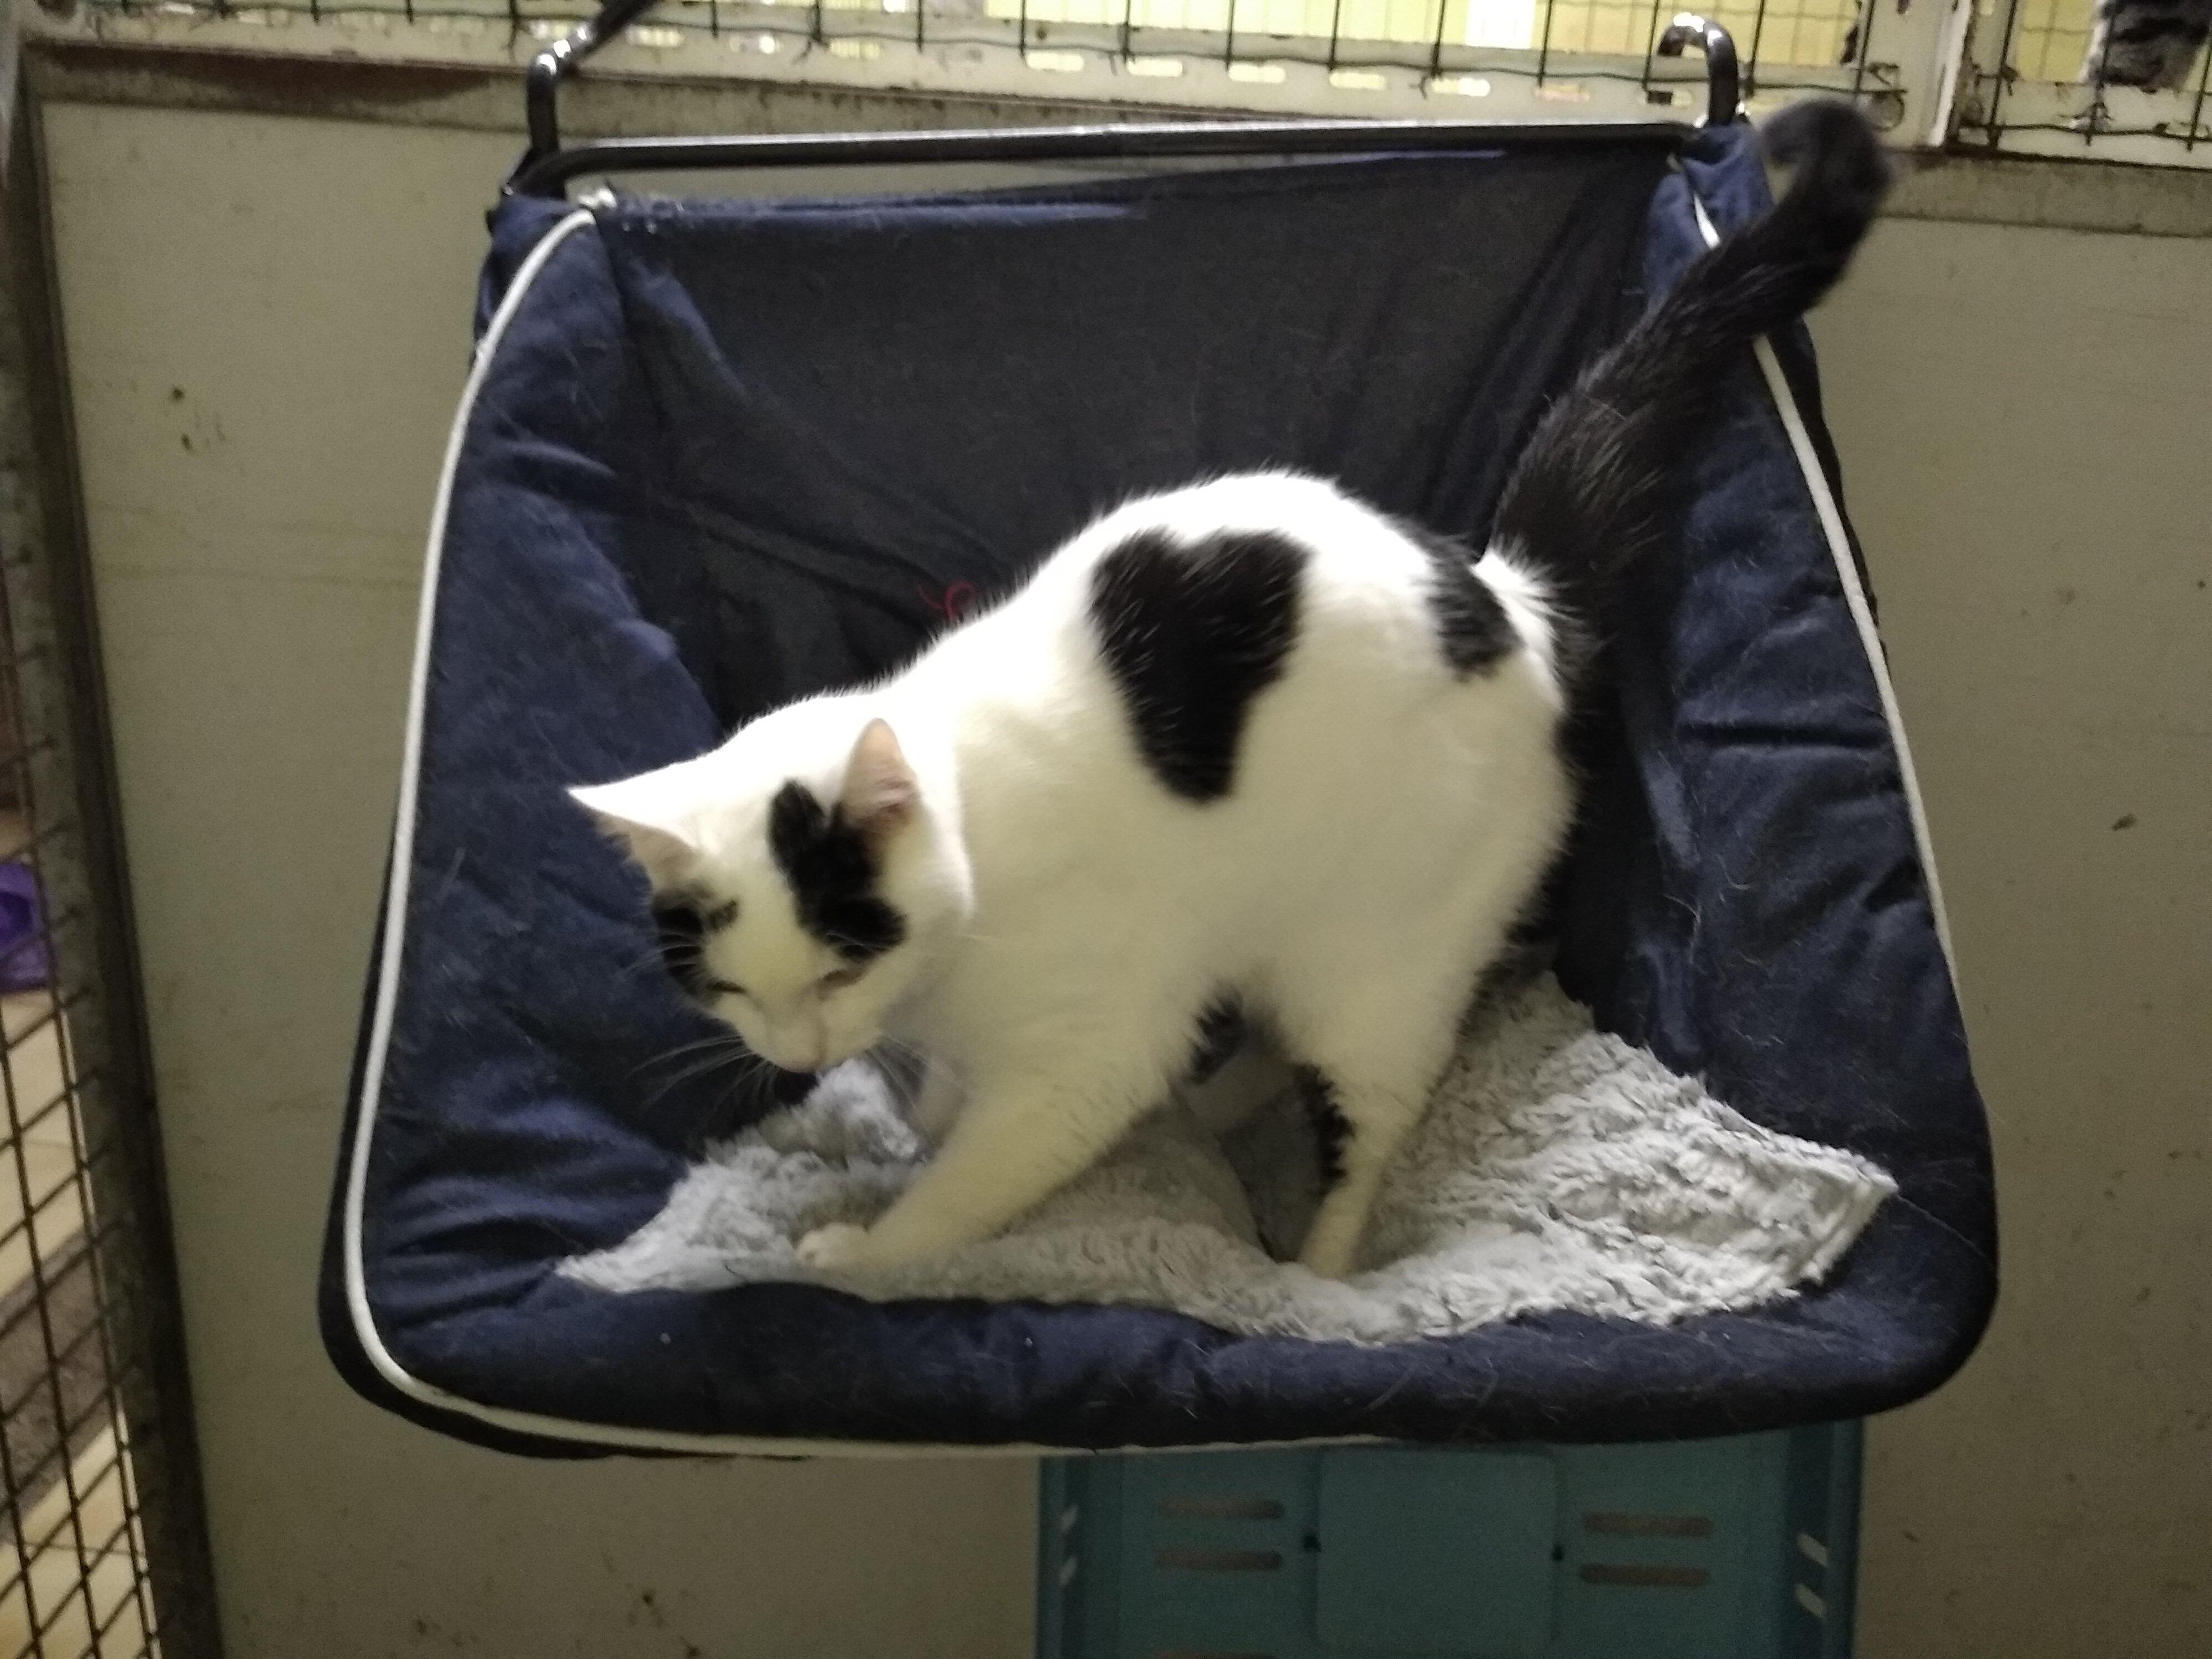 Après près d'un mois en pension, la belle Kitty a quitté son hamac pour retrouver sa maîtresse